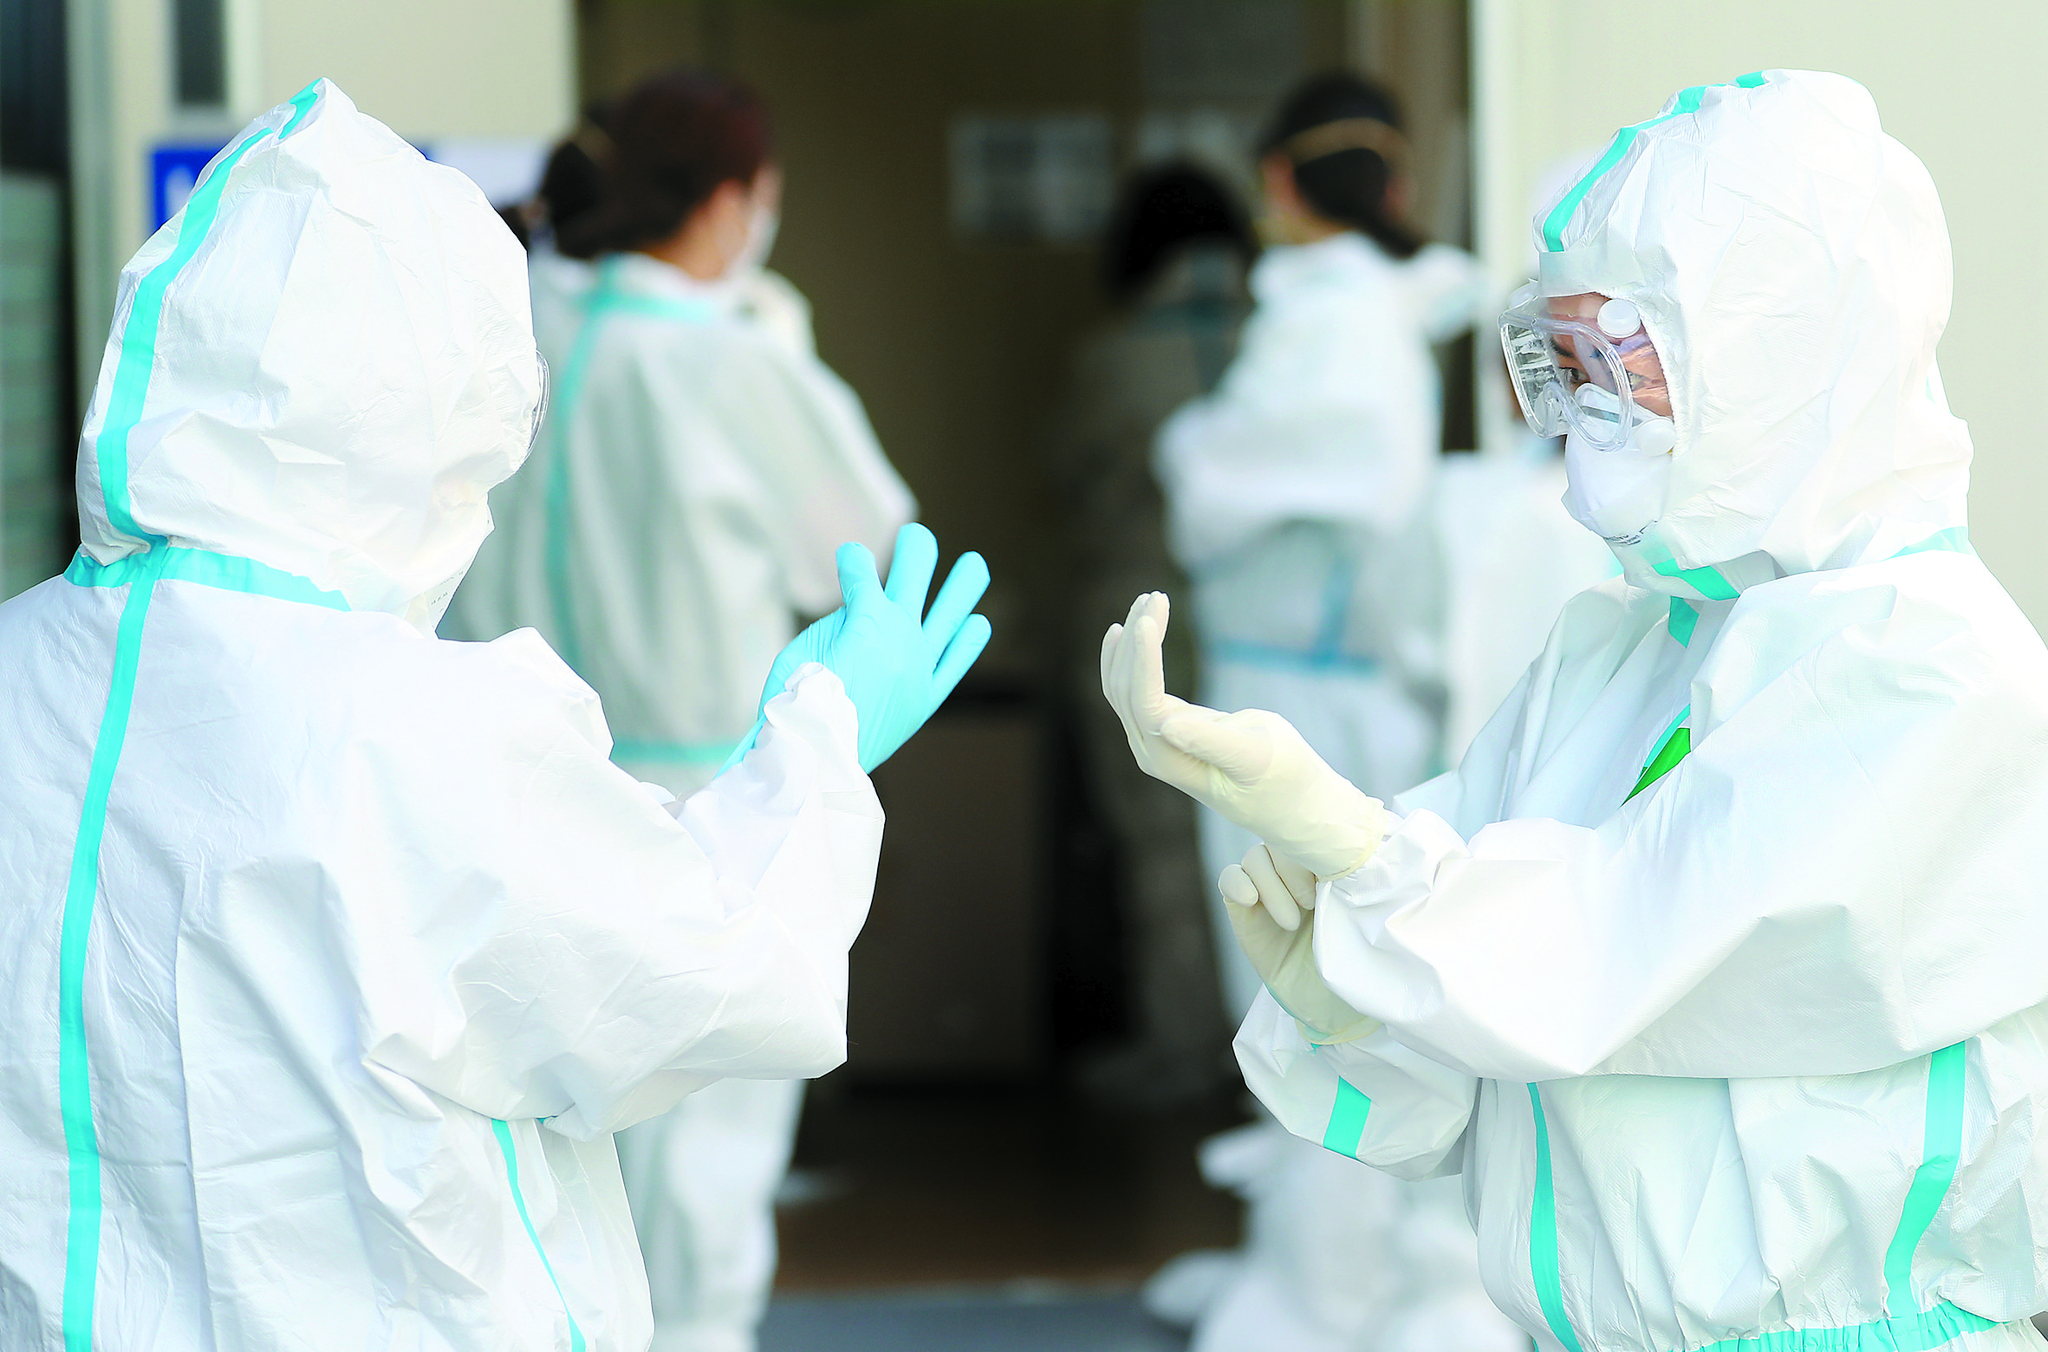 3일 오전 대구동산병원에서 의료진이 신종 코로나바이러스 감염증(코로나19) 확진자 치료를 위한 음압병실 근무를 준비하고 있다. 연합뉴스